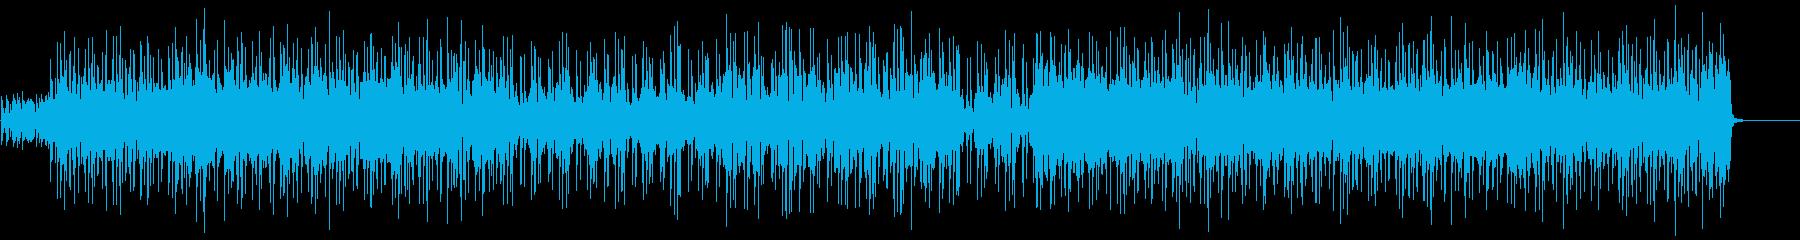 ブルージーでクールなアコギロックの再生済みの波形